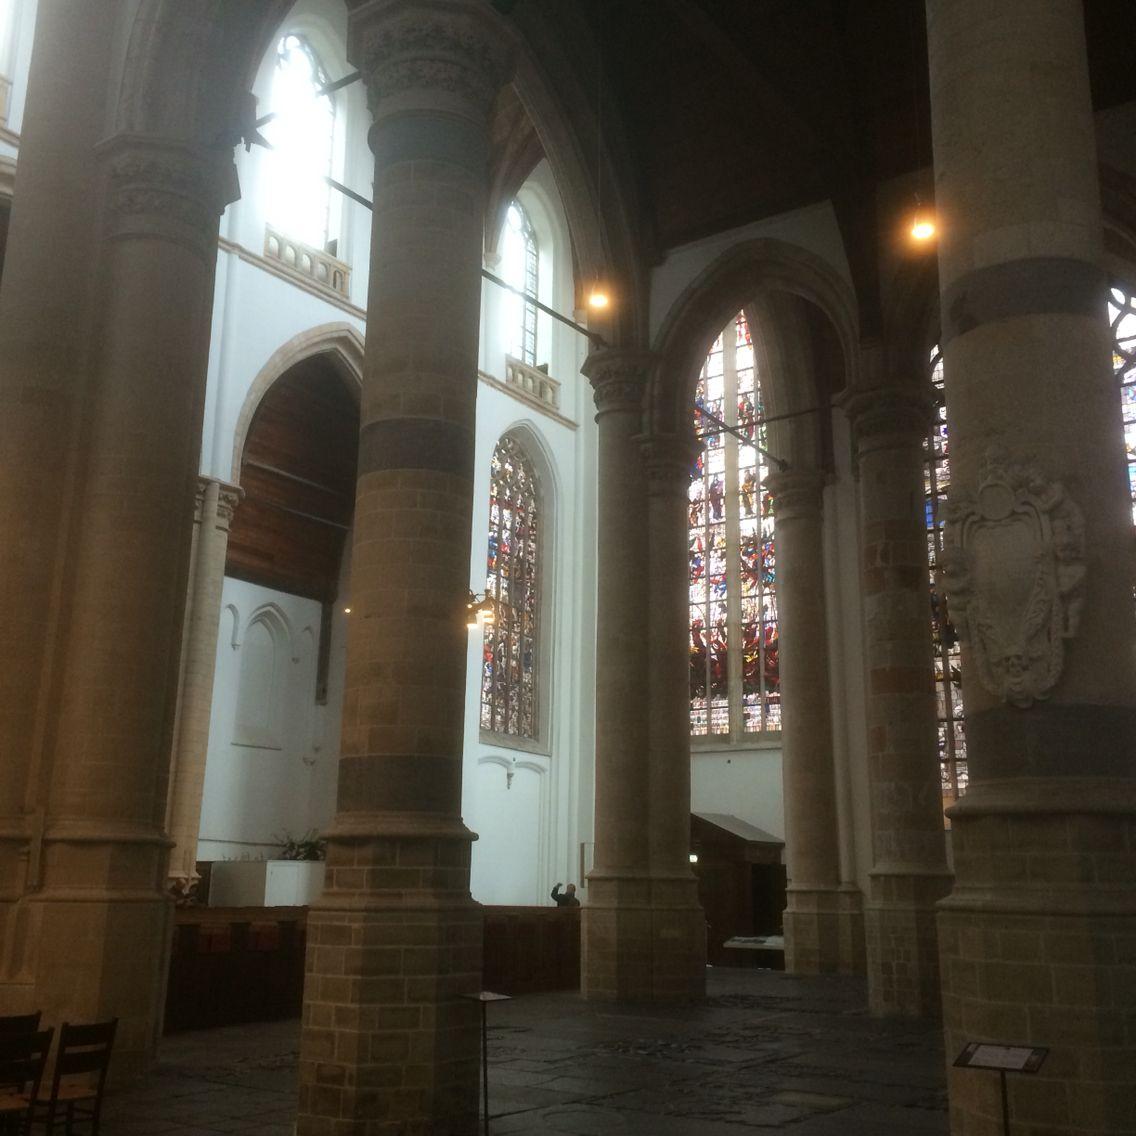 18 maart 2016 - De Porceleyne Fles en de historische binnenstad van Delft